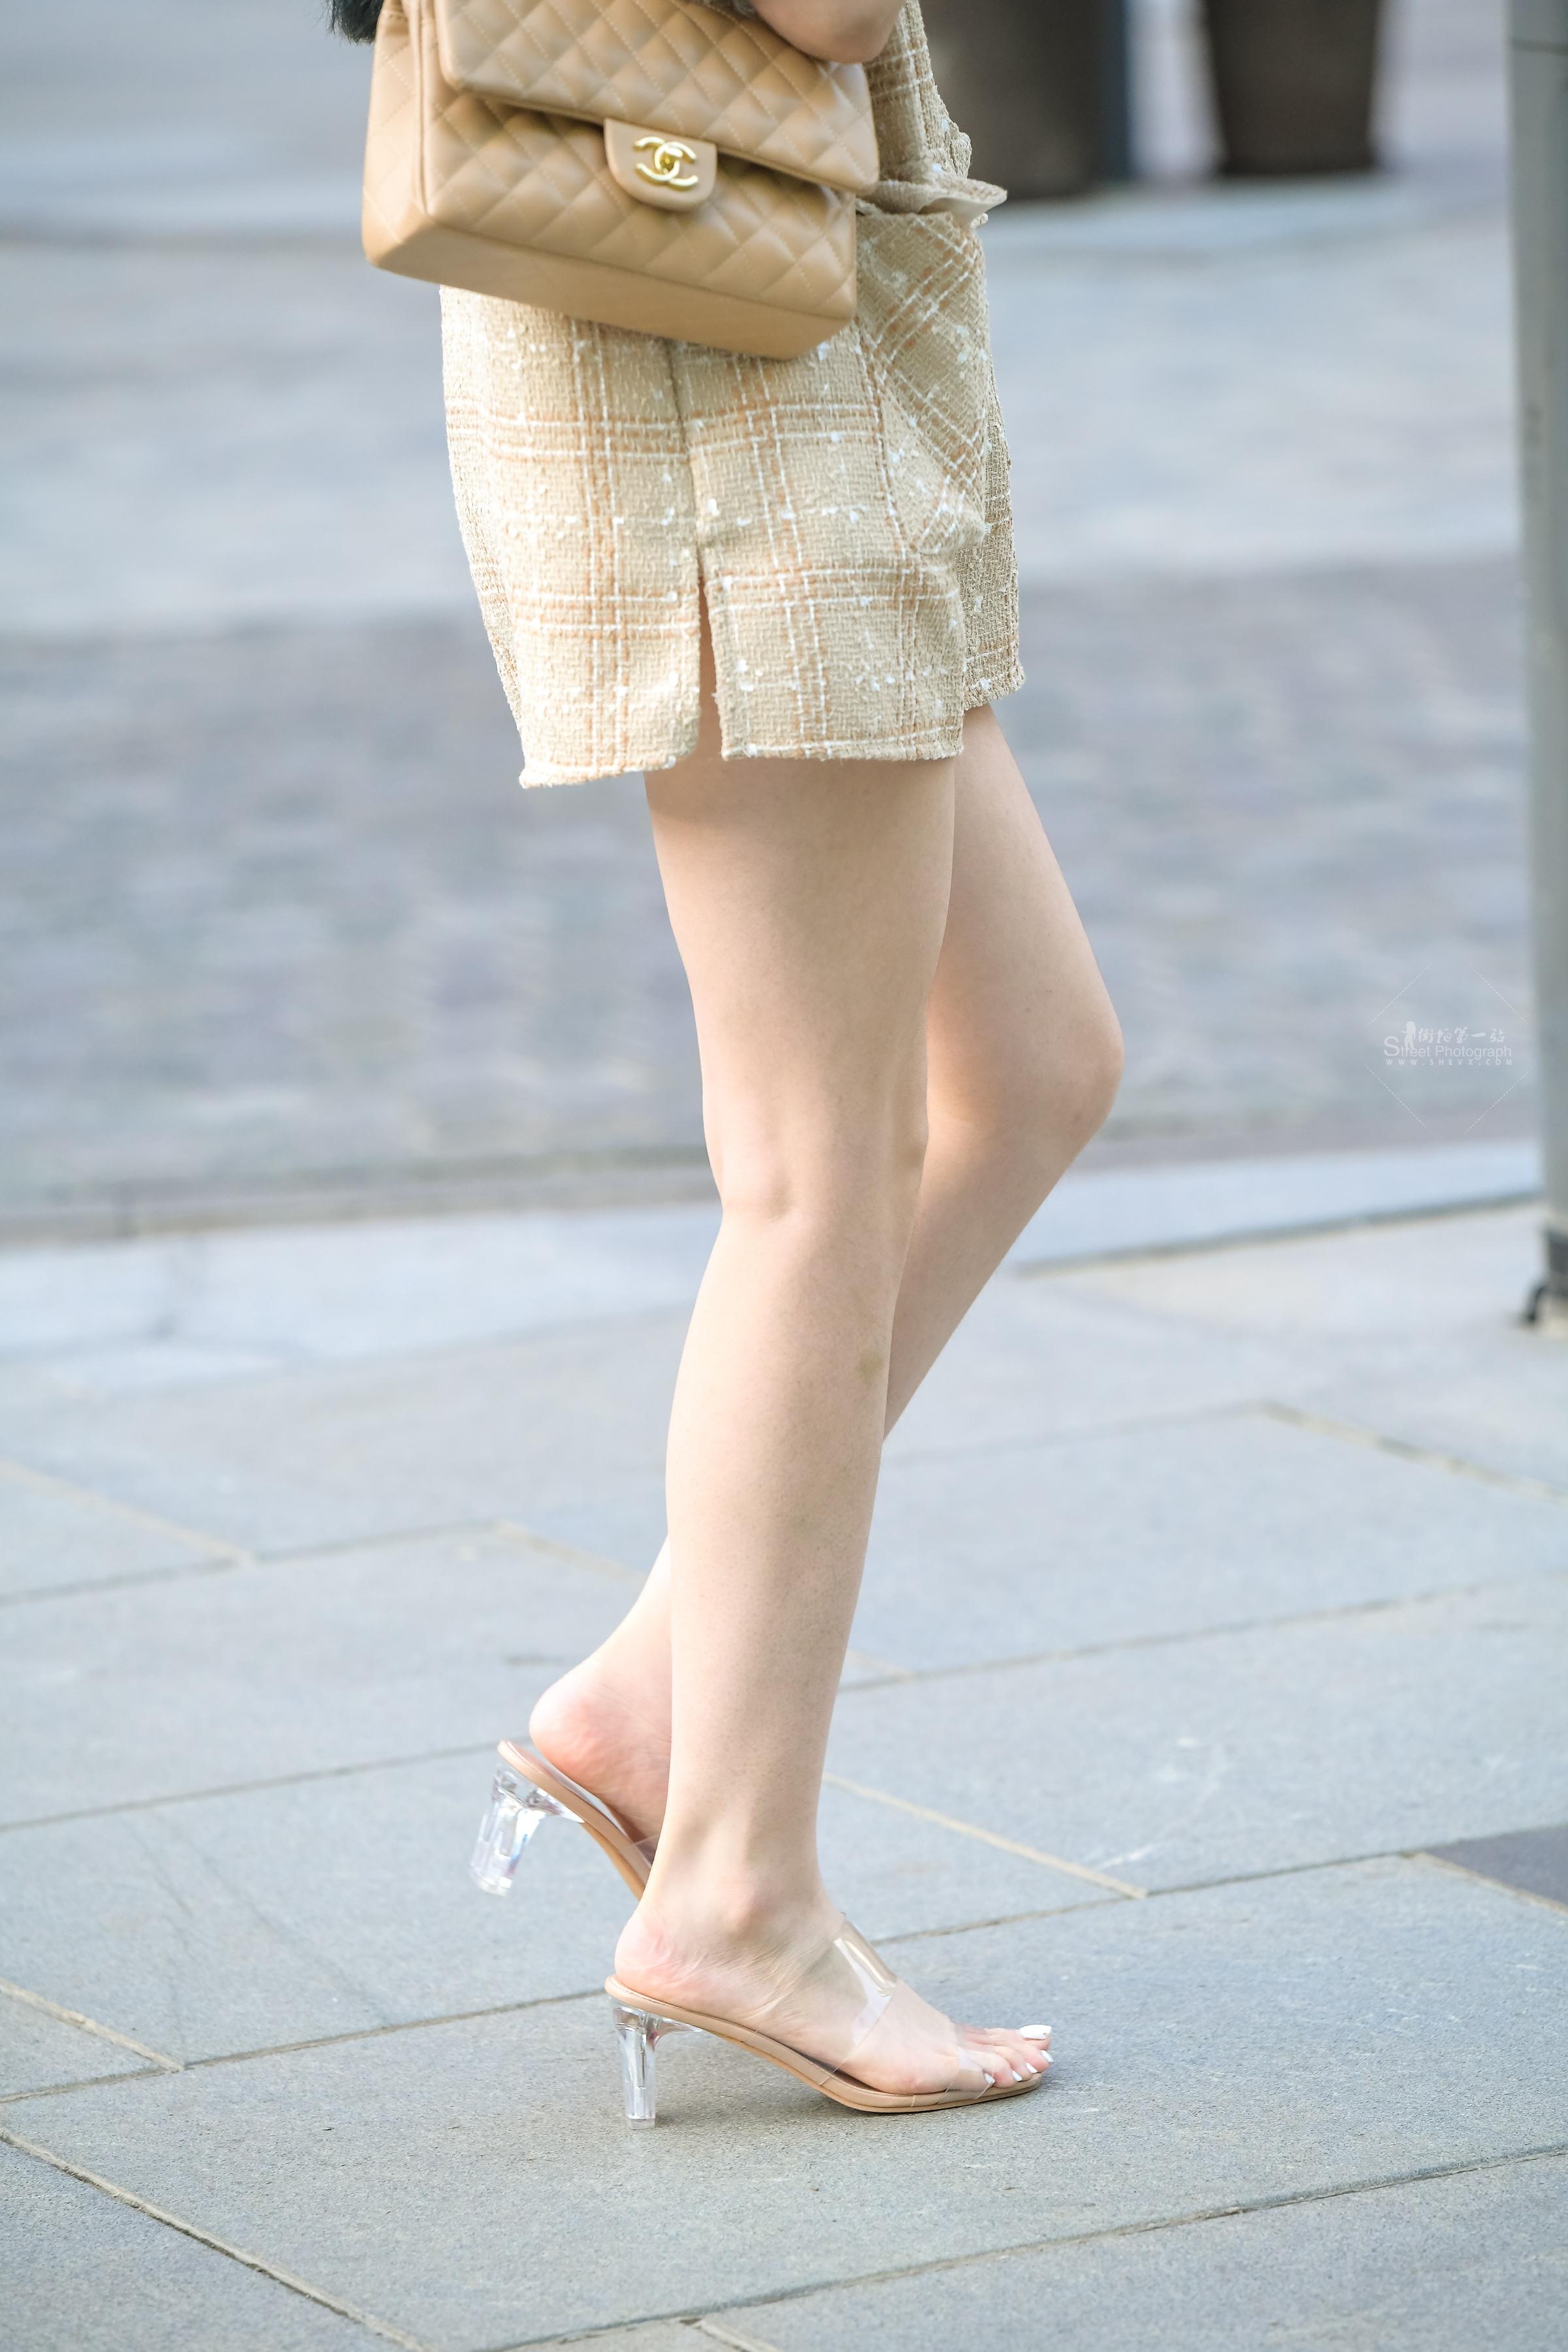 街拍美女,街拍高跟 白皙长高跟 美女 最新街拍丝袜图片 街拍丝袜第一站